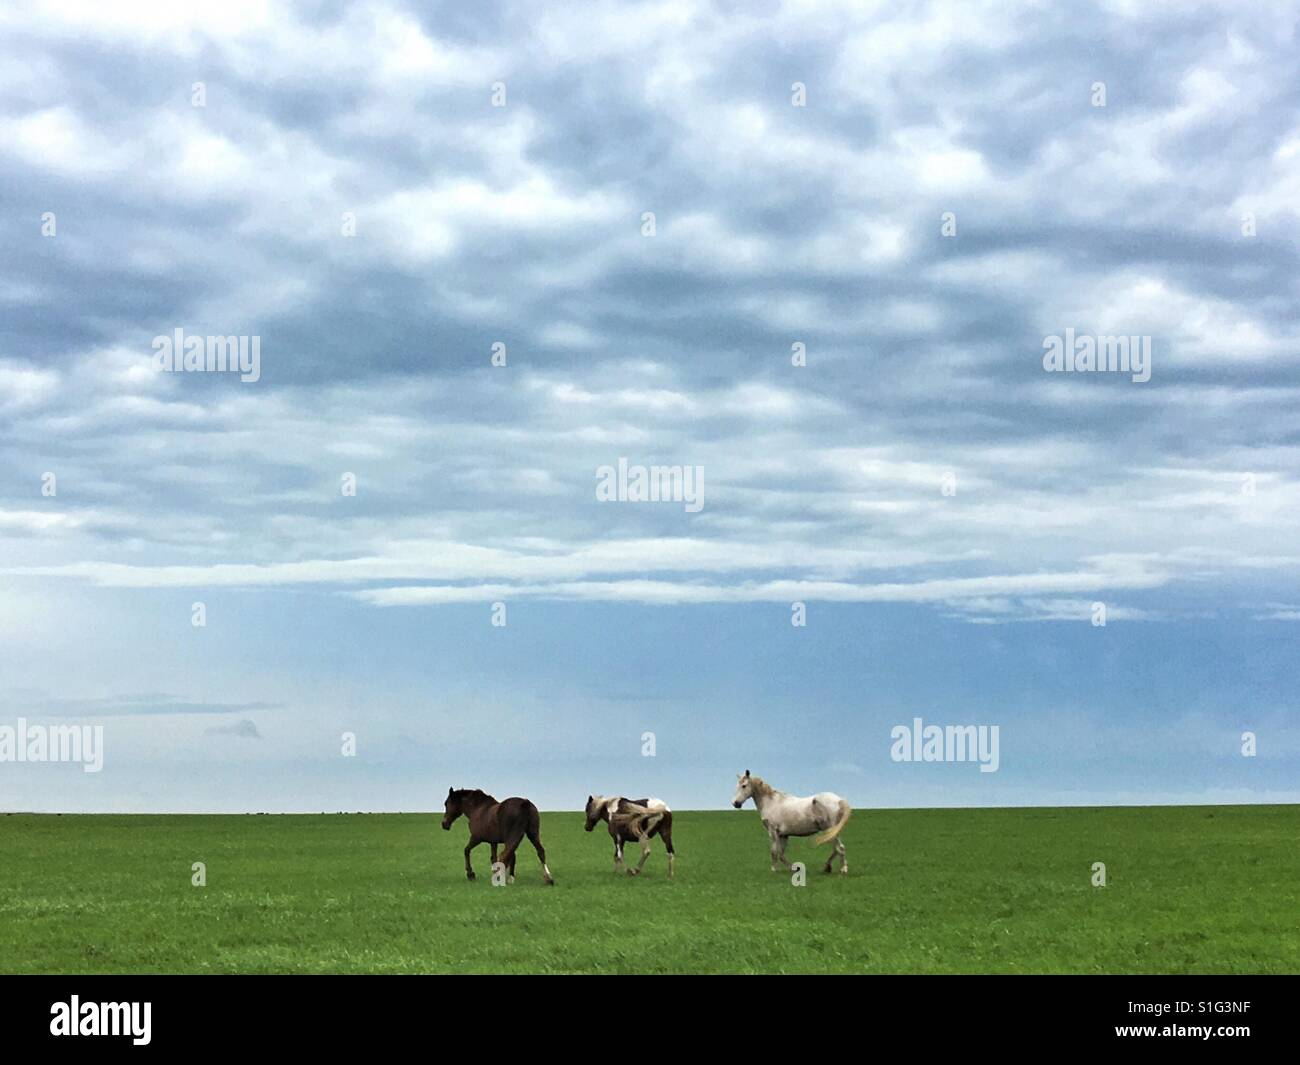 Wild mustangs on the Oklahoma prairie - Stock Image